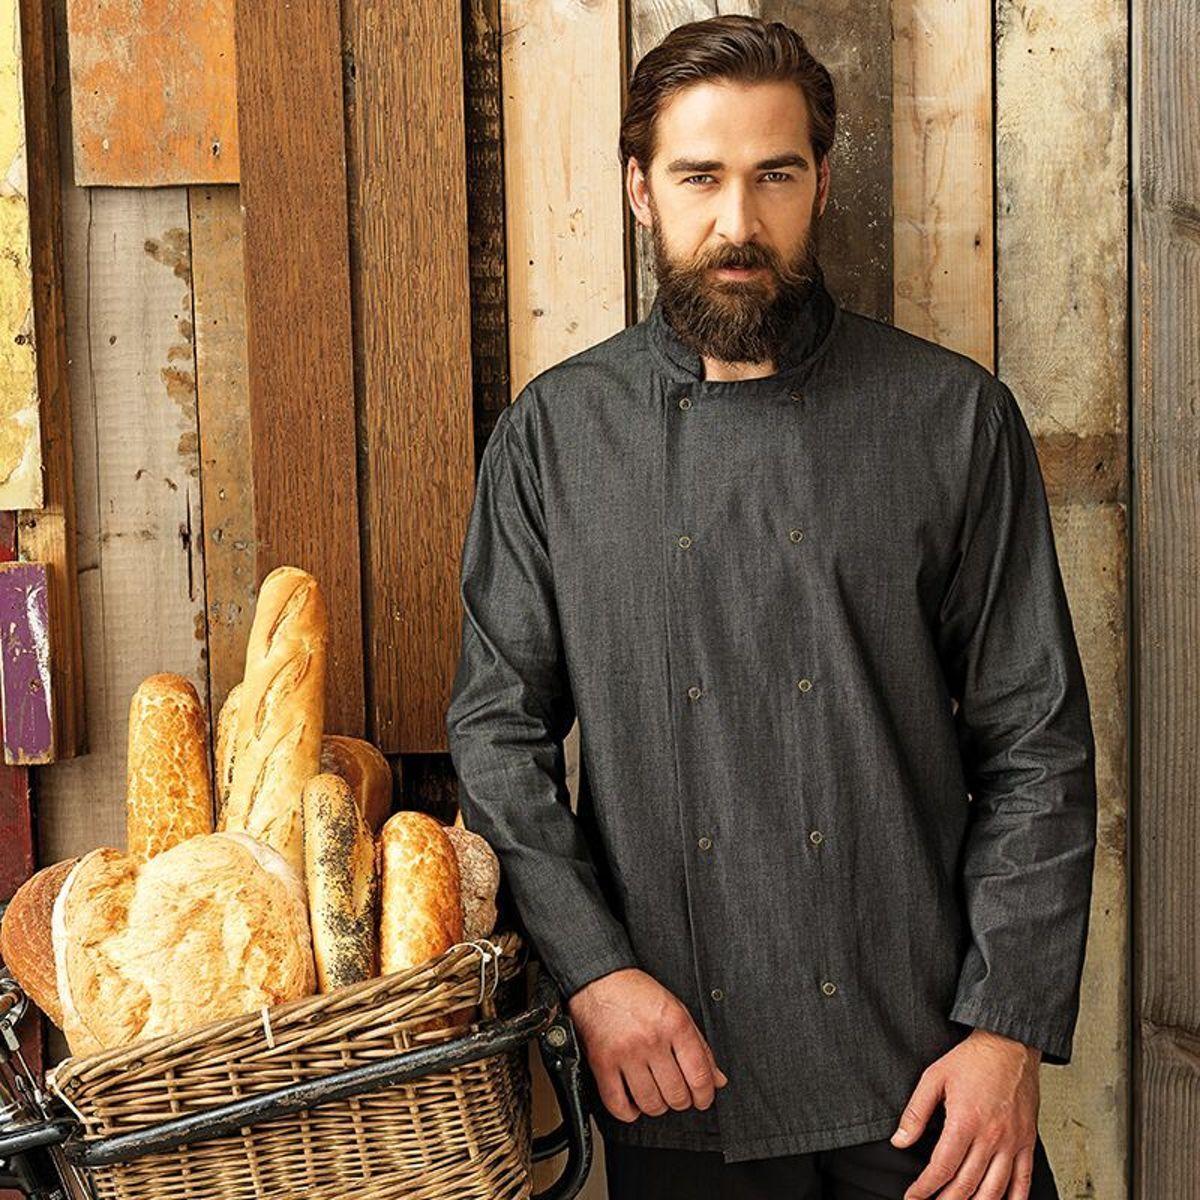 Denim chef's jacket, Kleur Black Denim, Maat XXXL kopen